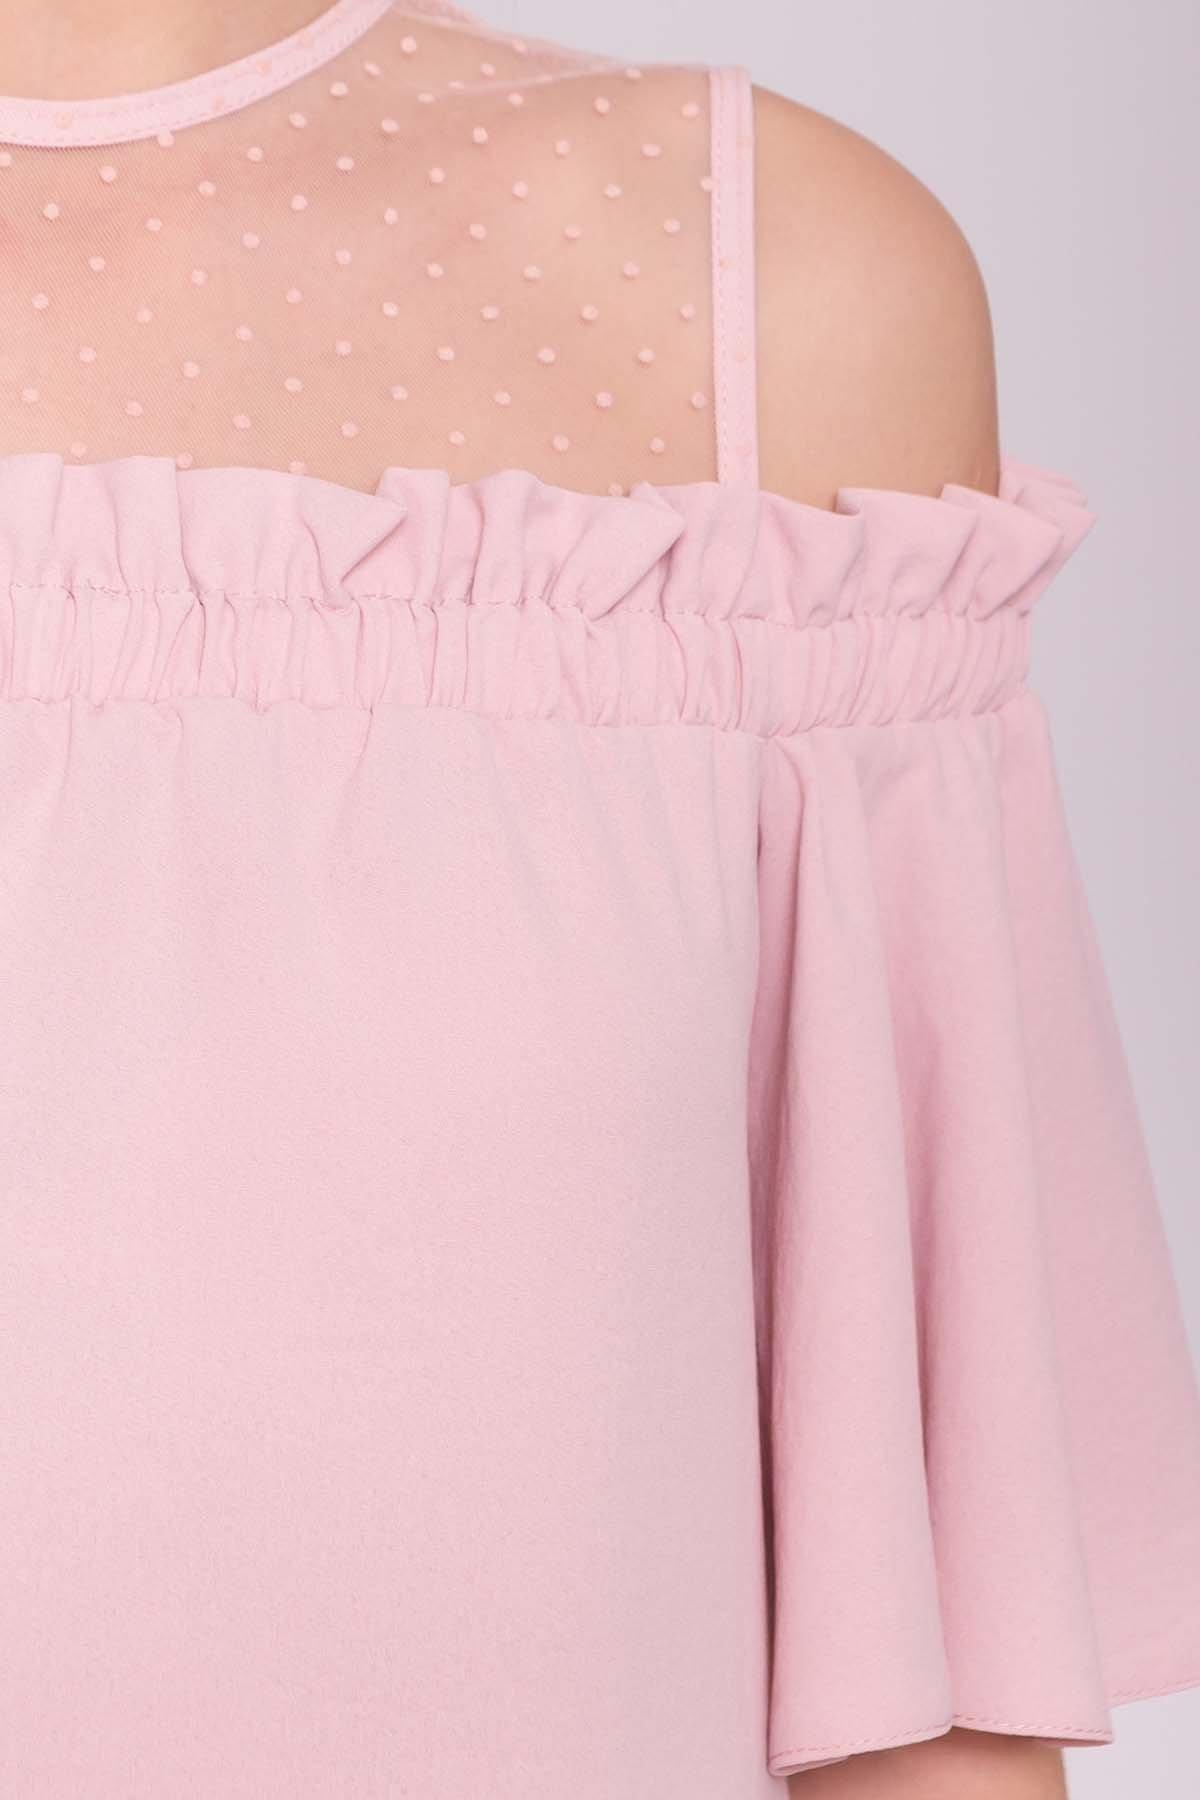 Платье Молена 7138 АРТ. 42780 Цвет: Пудра 3 - фото 4, интернет магазин tm-modus.ru